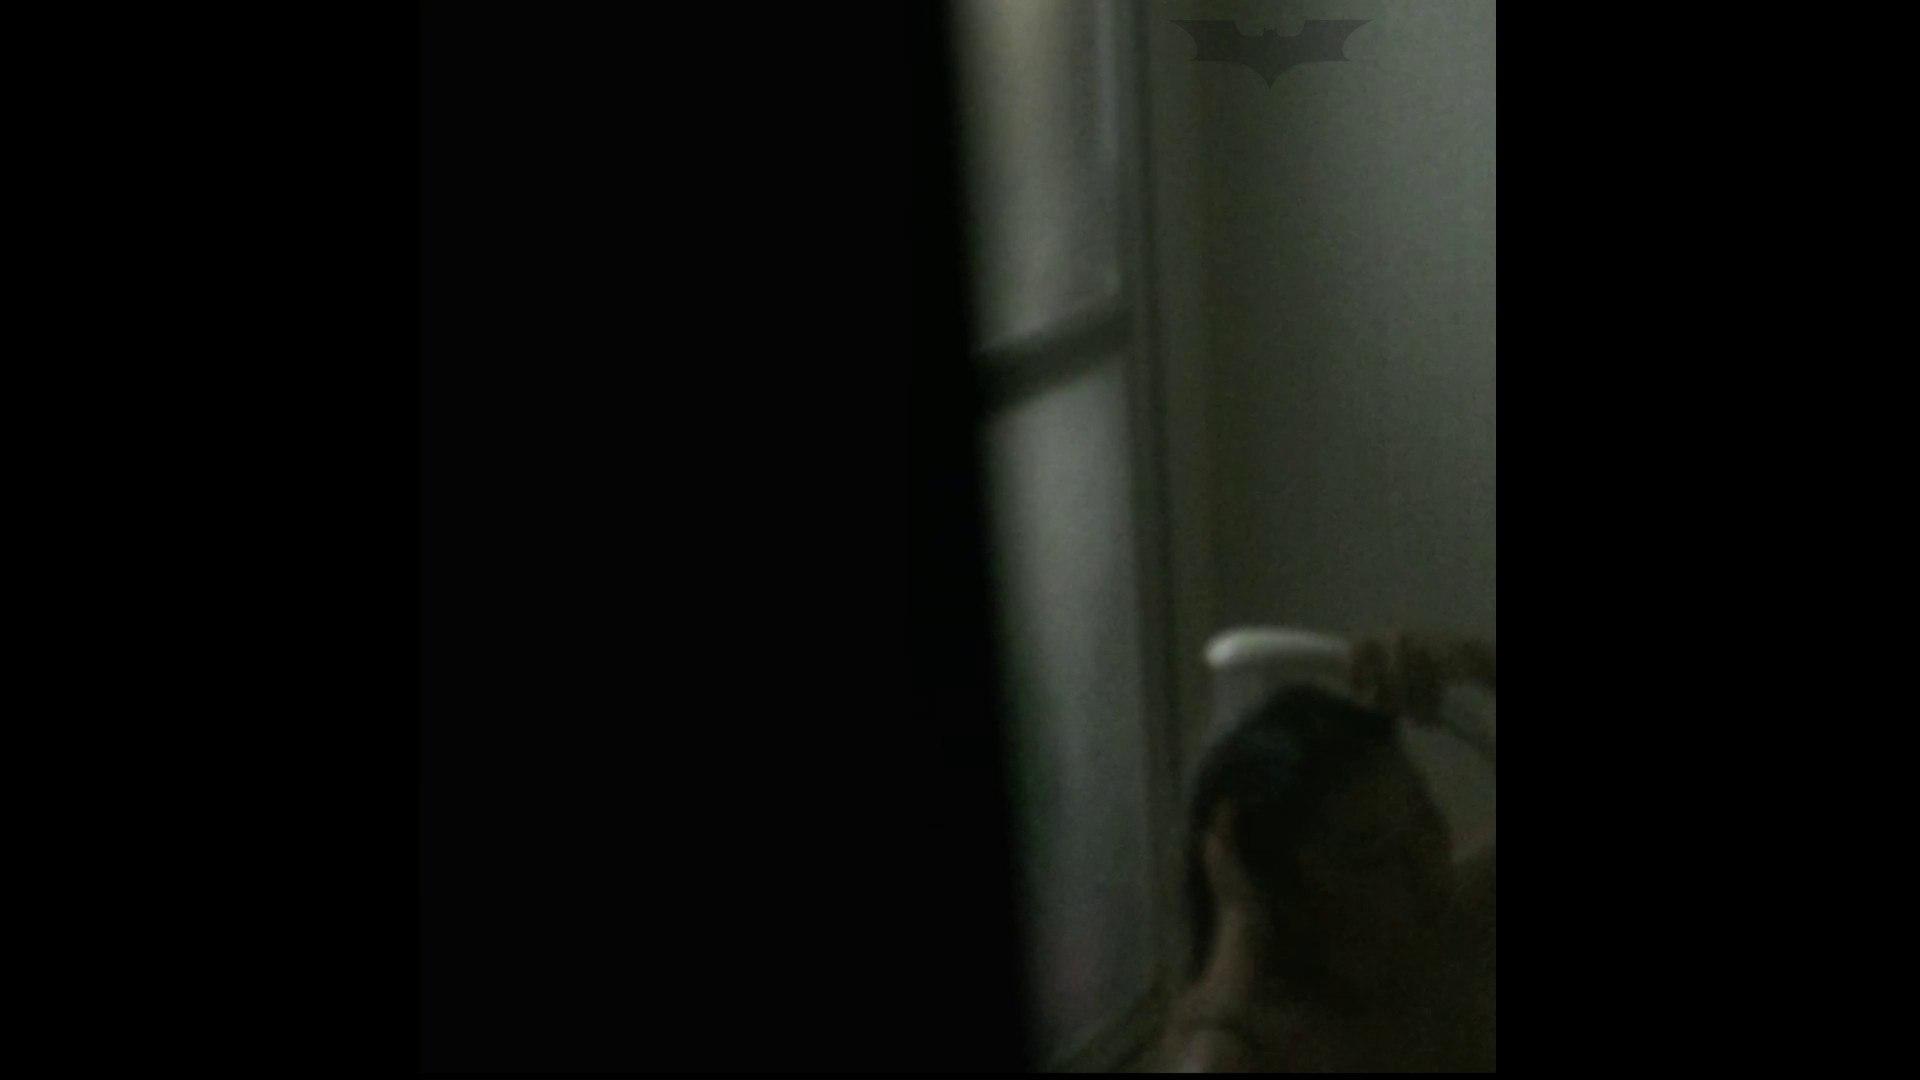 【19位 2016】リアルインパクト盗撮~入浴編 Vol.13 萌える注の入浴 入浴シーン | OL  63連発